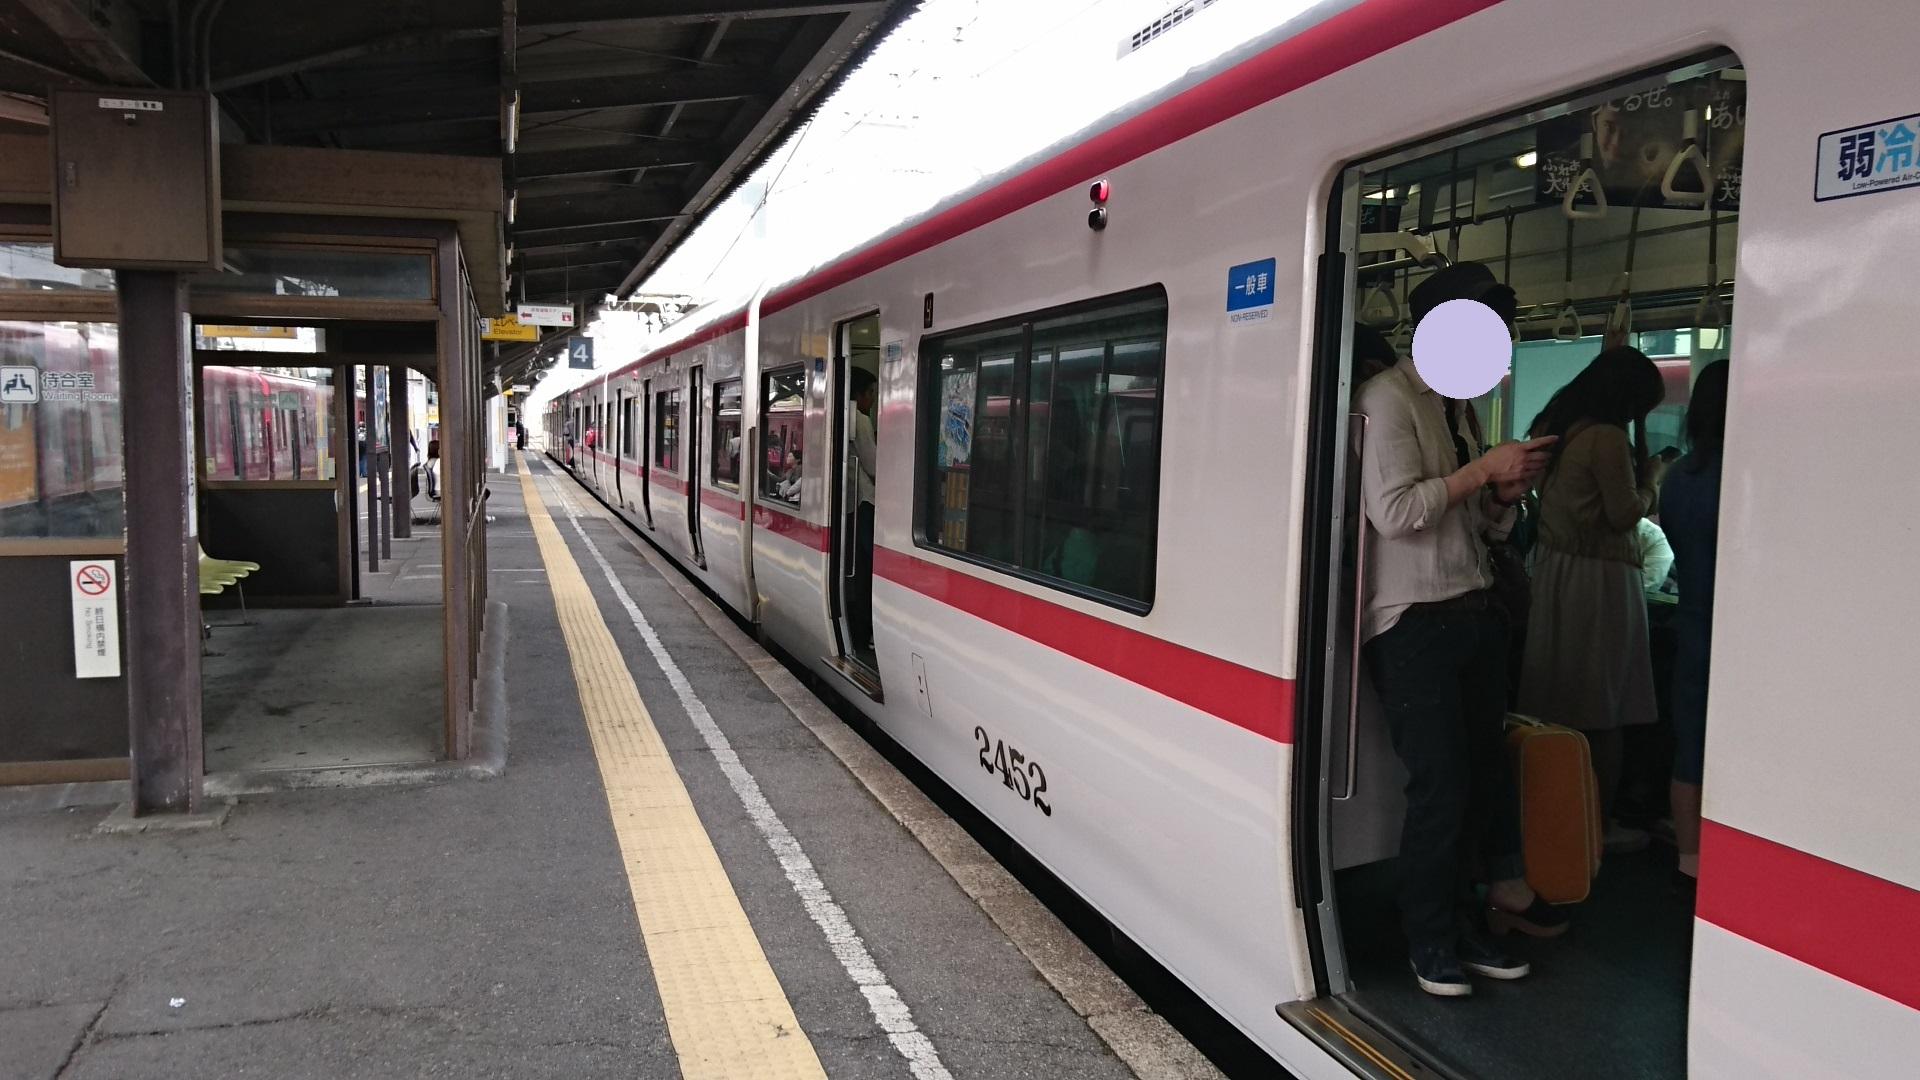 2017.5.6 しんあんじょう (15) 岐阜いき特急 1920-1080